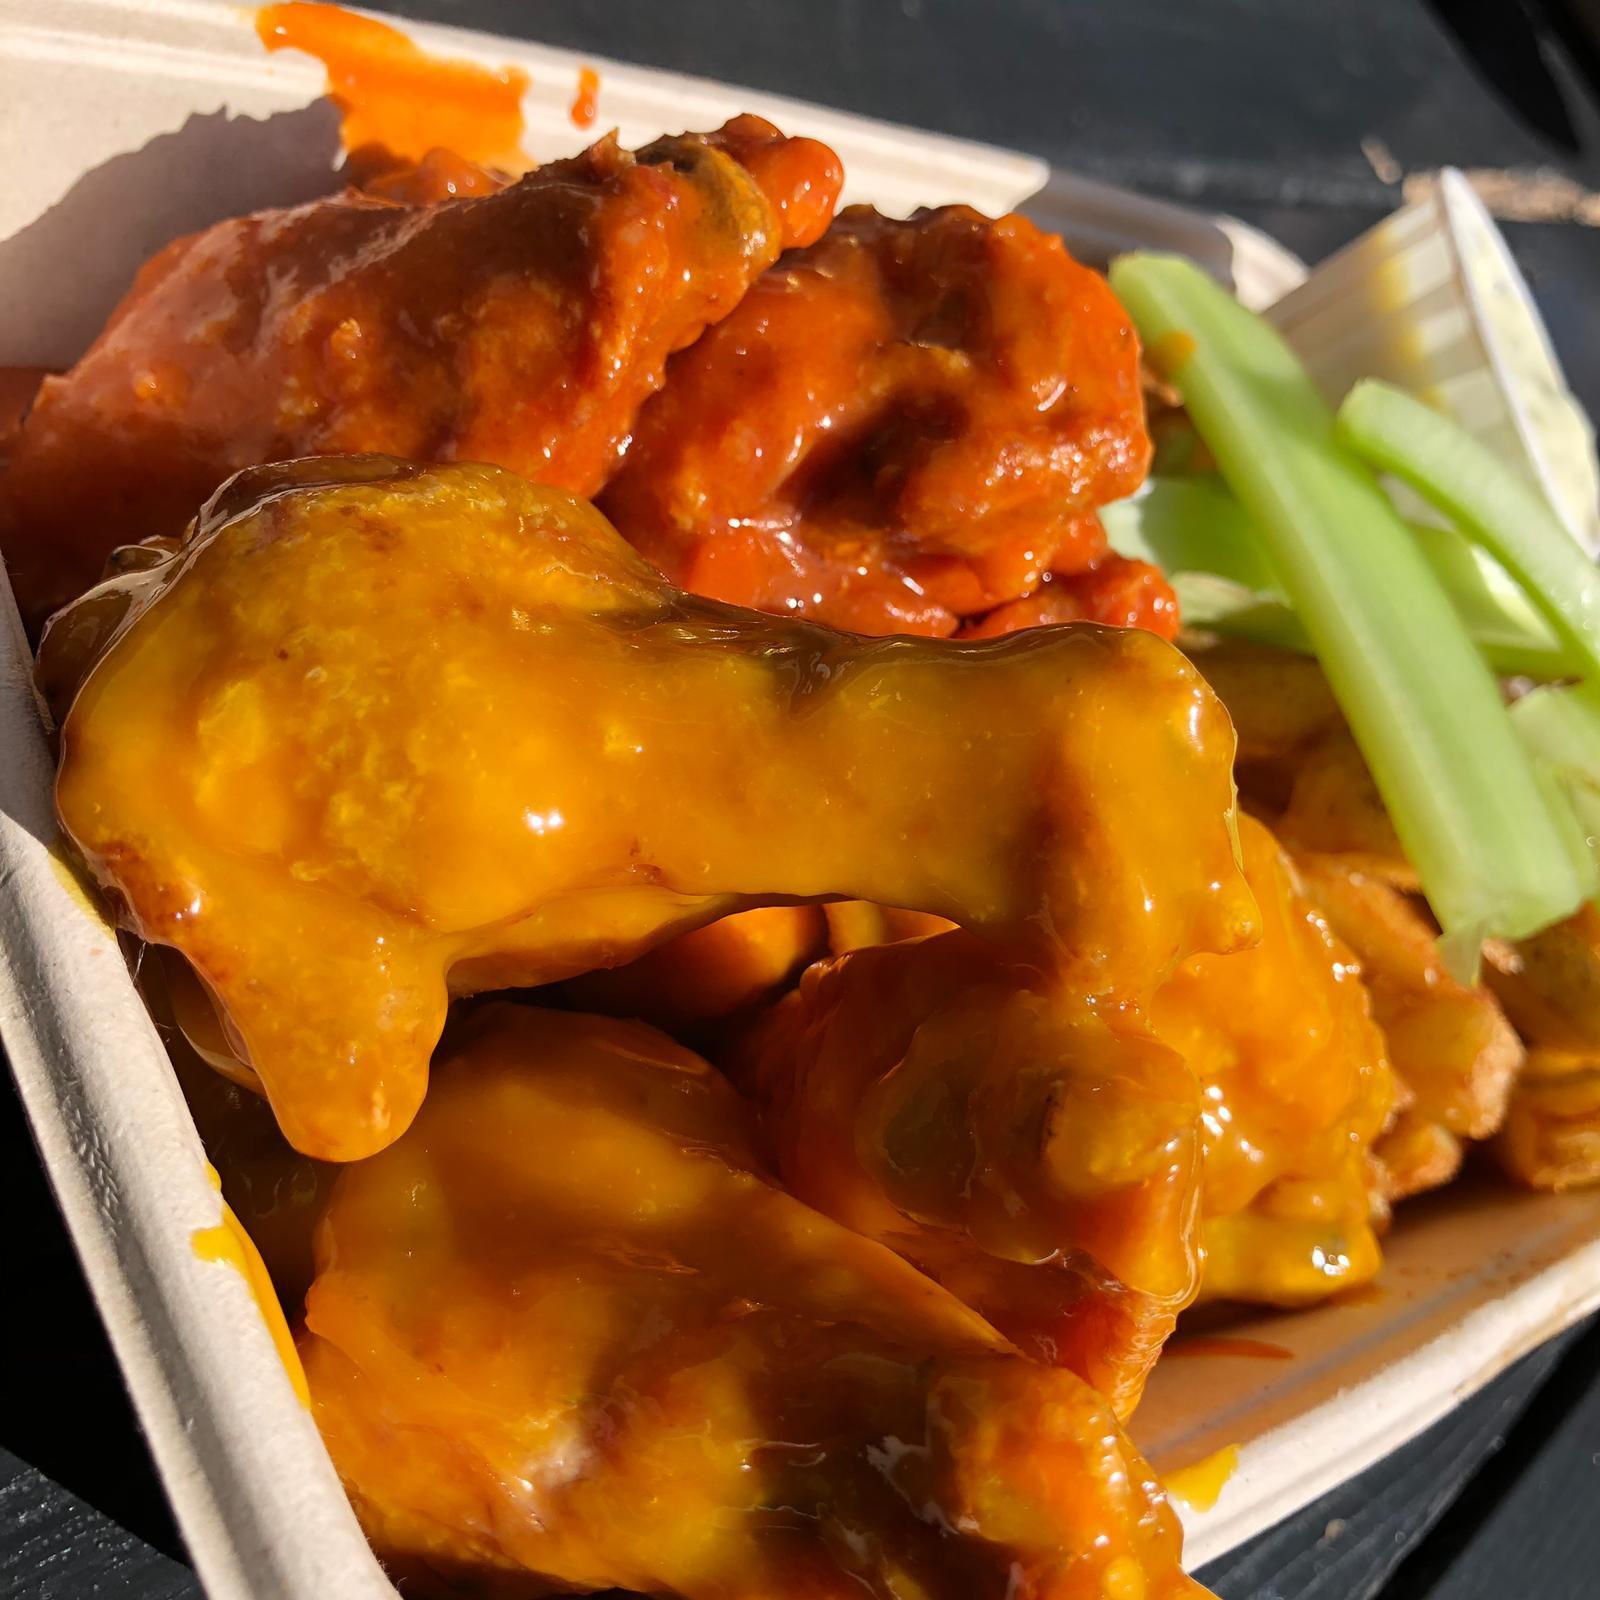 The Orange Buffalo Best Chicken Wings in London